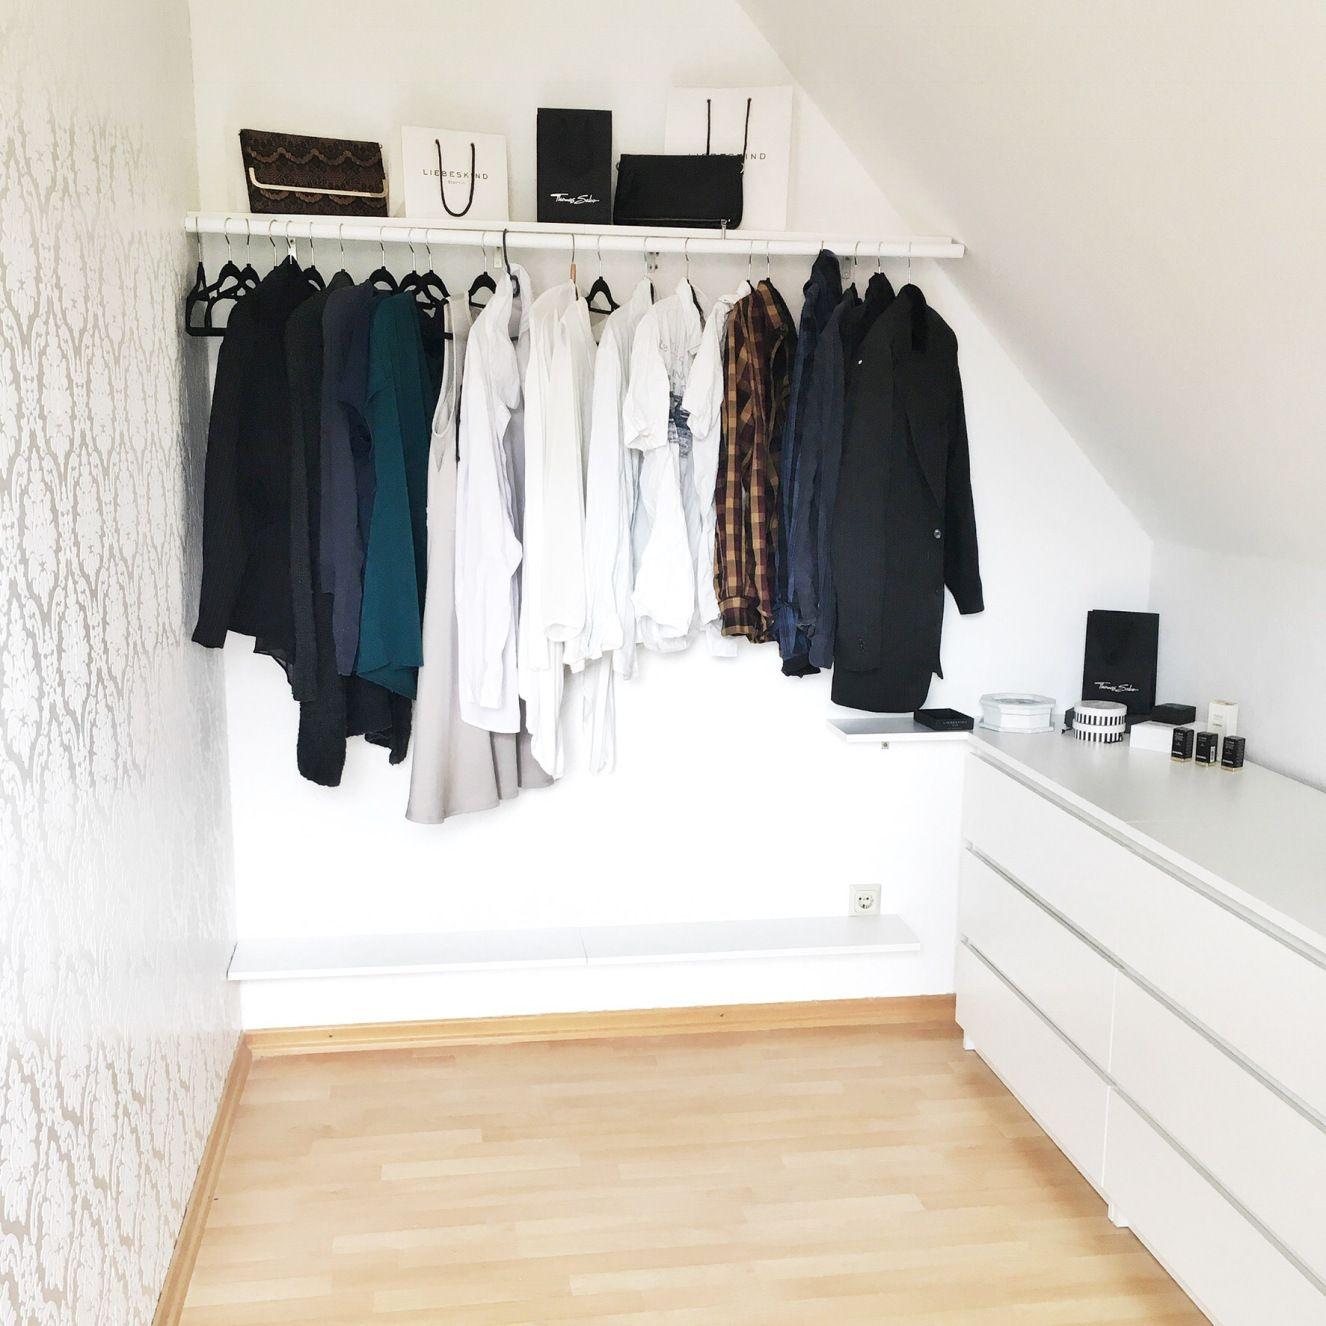 Verführerisch Ankleidezimmer Dachschräge Referenz Von Offenes Im Skandinavischen Stil Mit Dachschräge Von